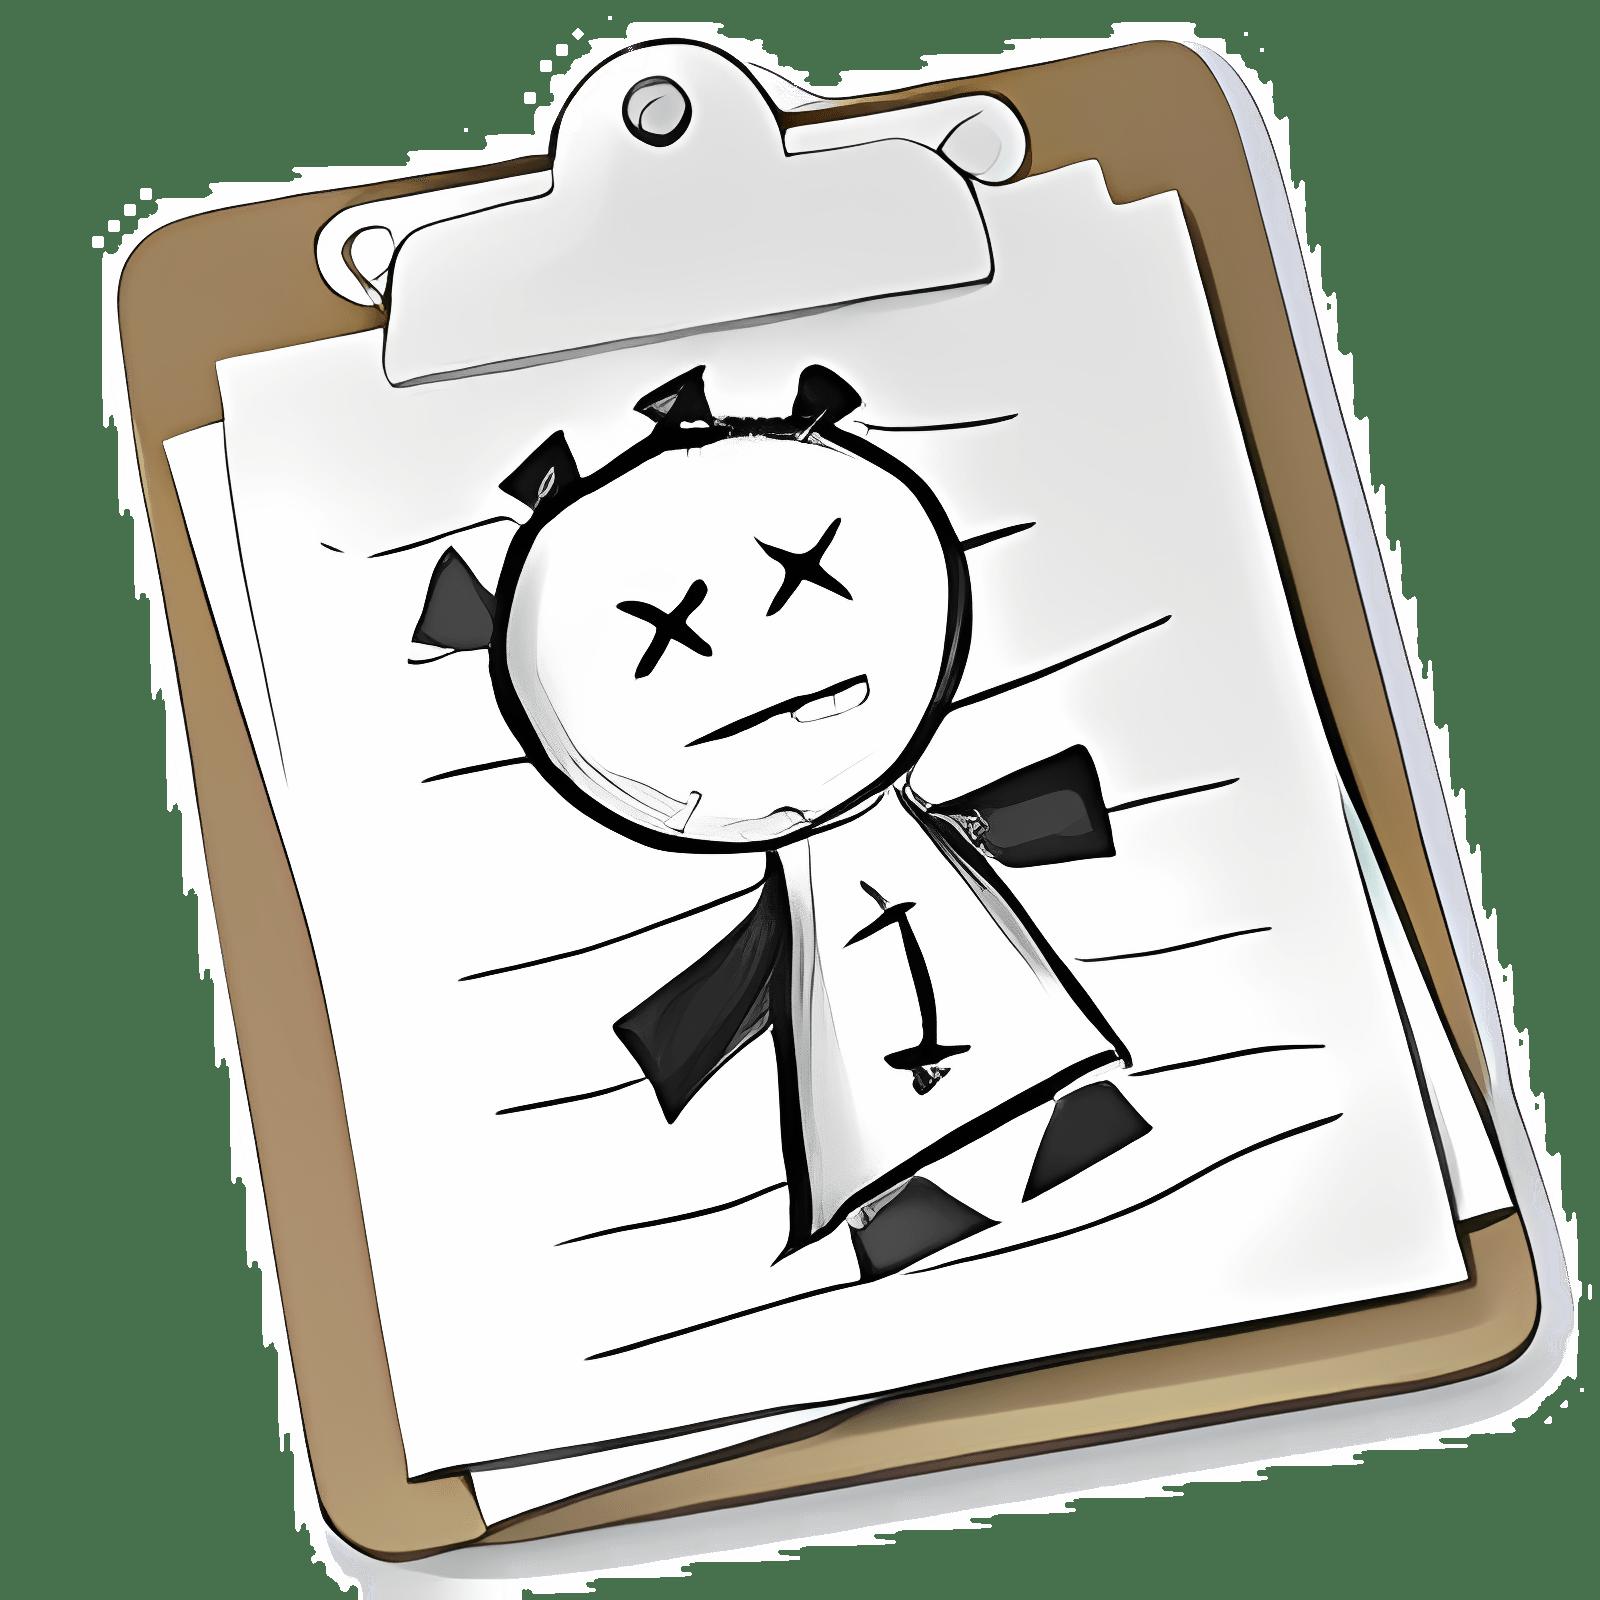 VoodooPad Lite 4.3.1